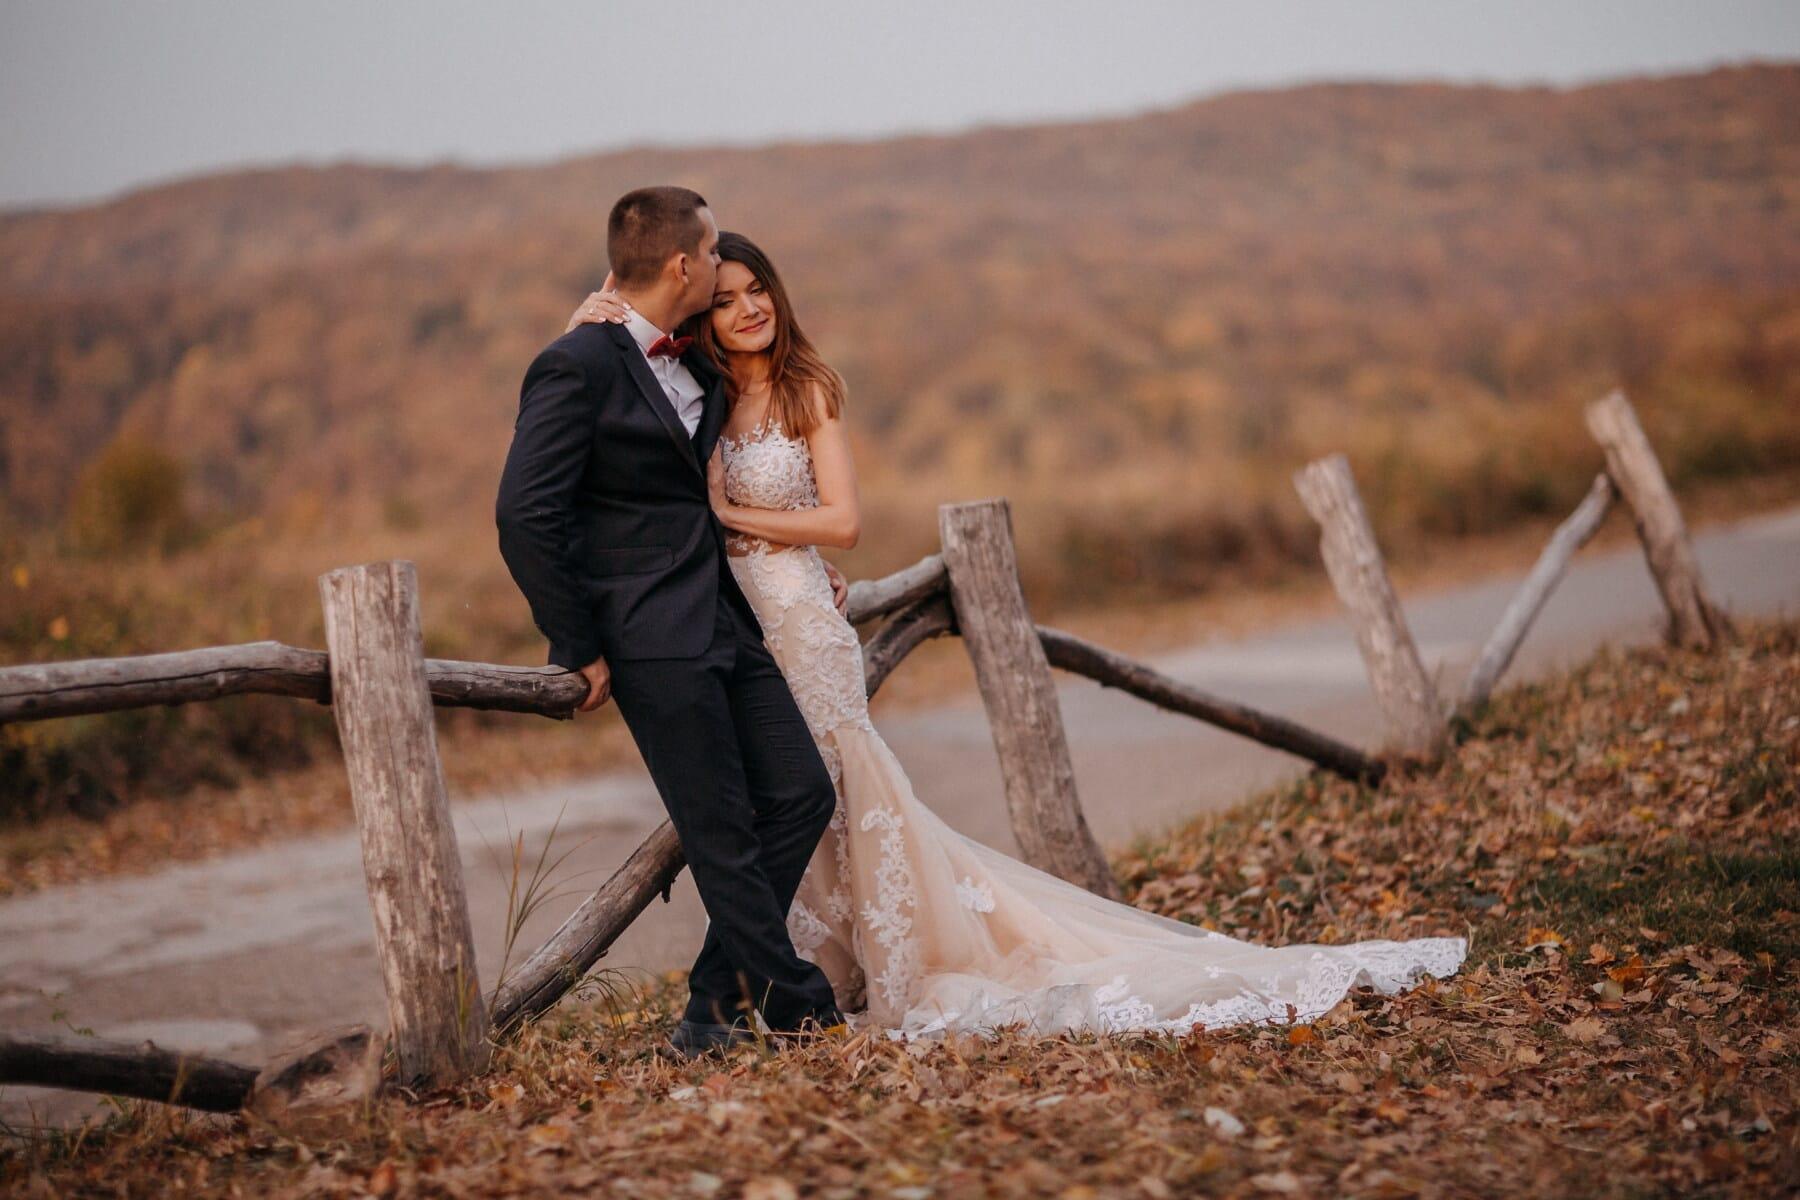 ロマンチックです, かわいい女の子, 愛の日, 紳士, 女性, ハグ, 秋のシーズン, 田園地帯, 人々, アウトドア